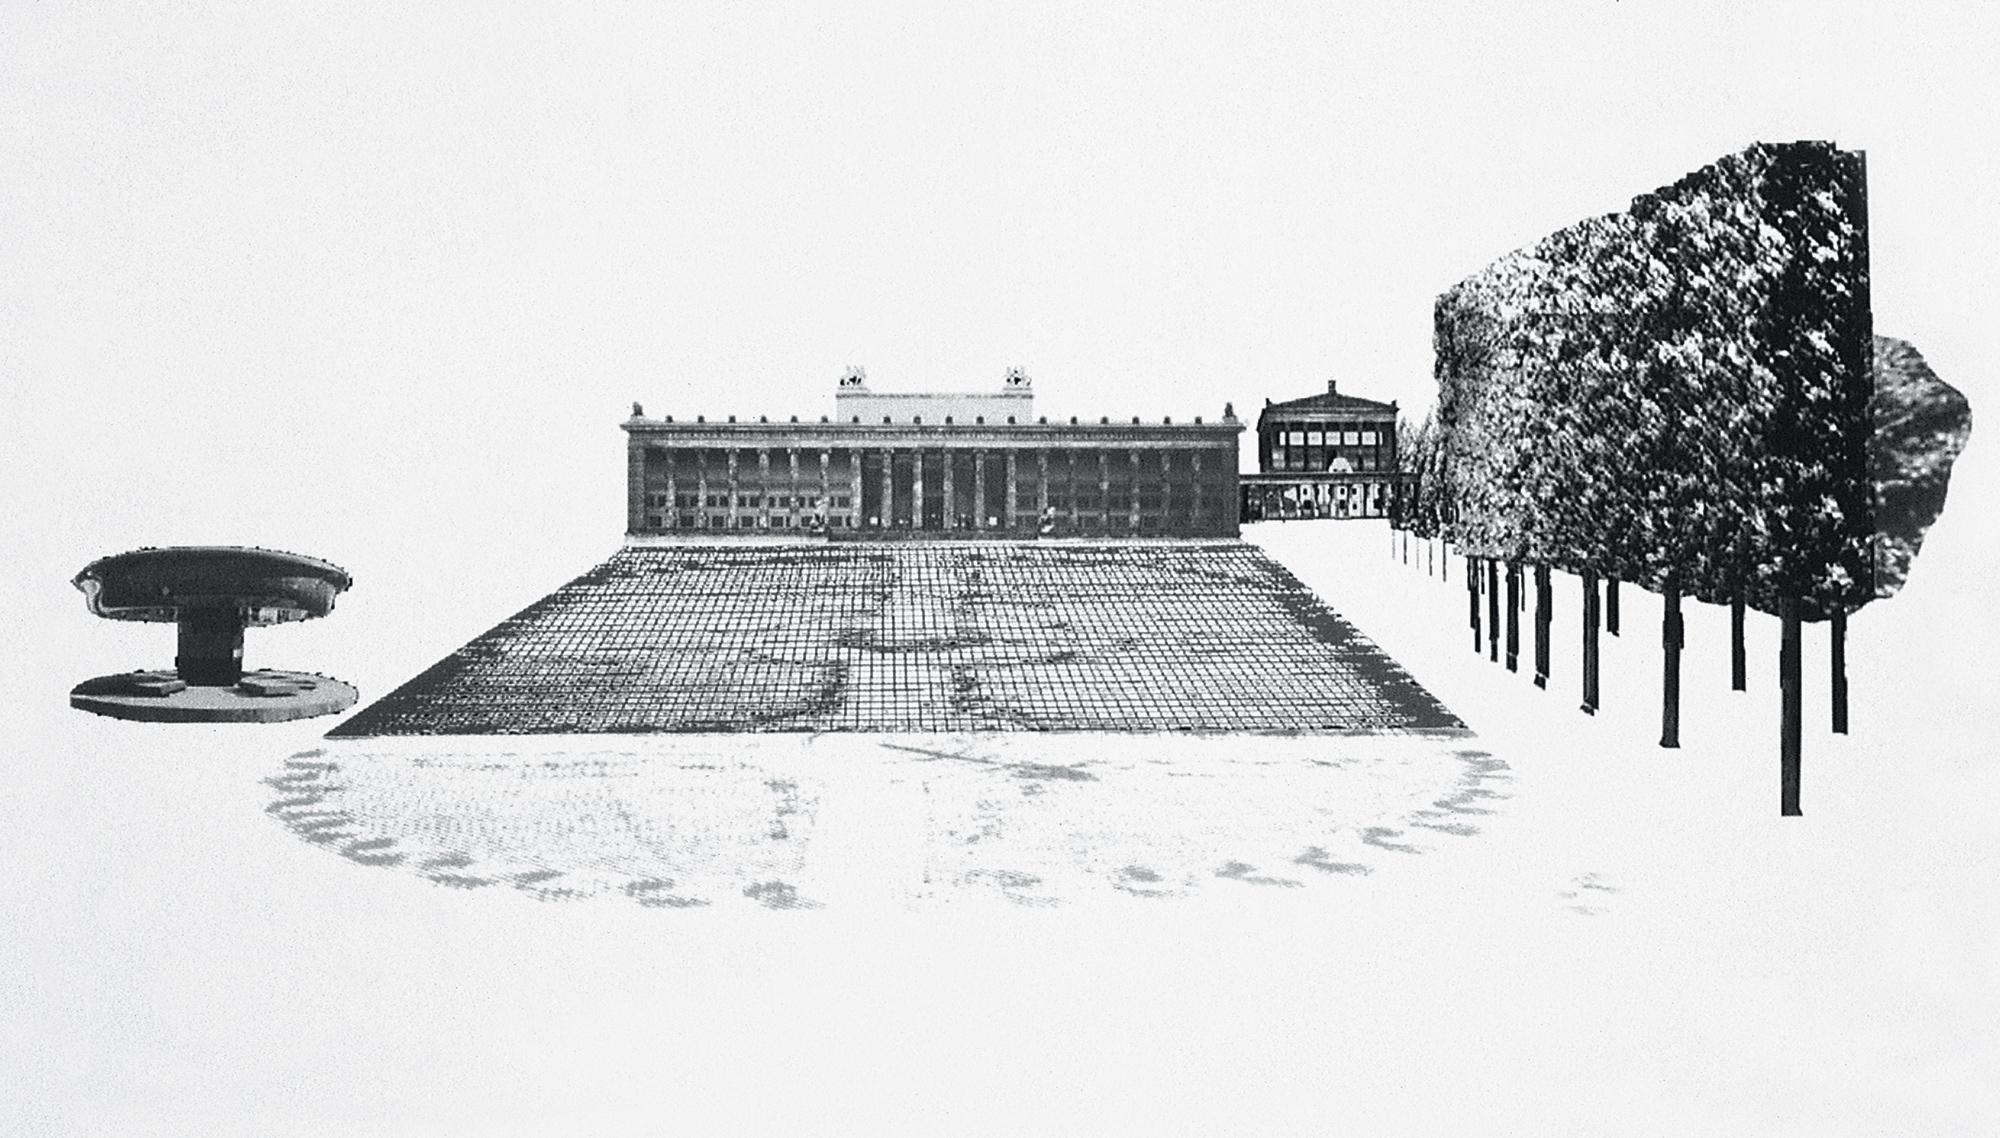 Design of the Lustgarten in Berlin